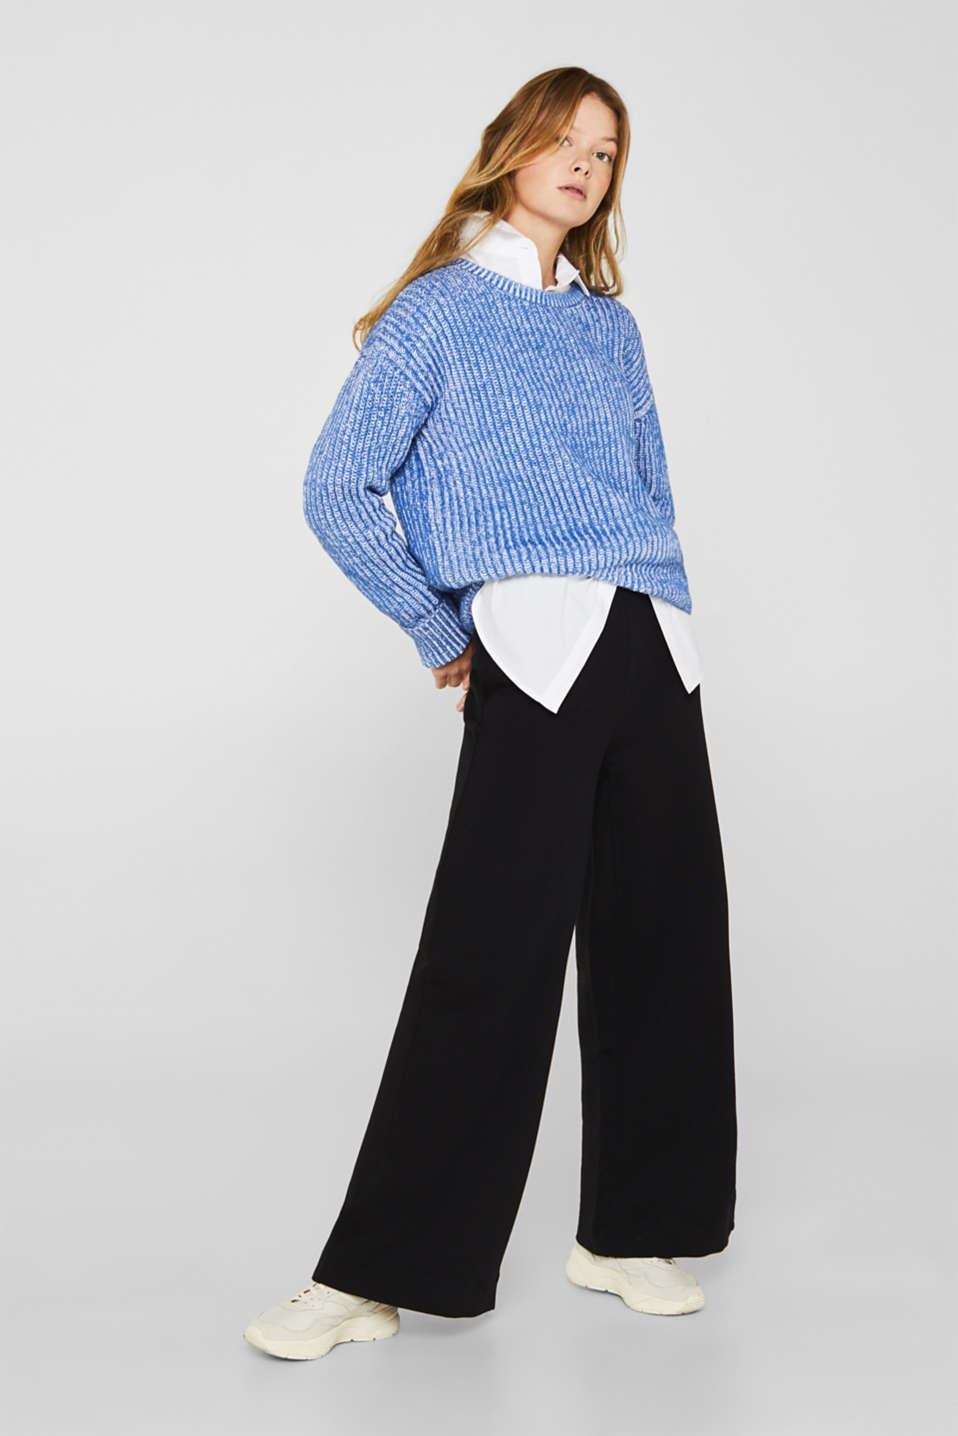 Melange chunky knit jumper, BRIGHT BLUE 2, detail image number 1